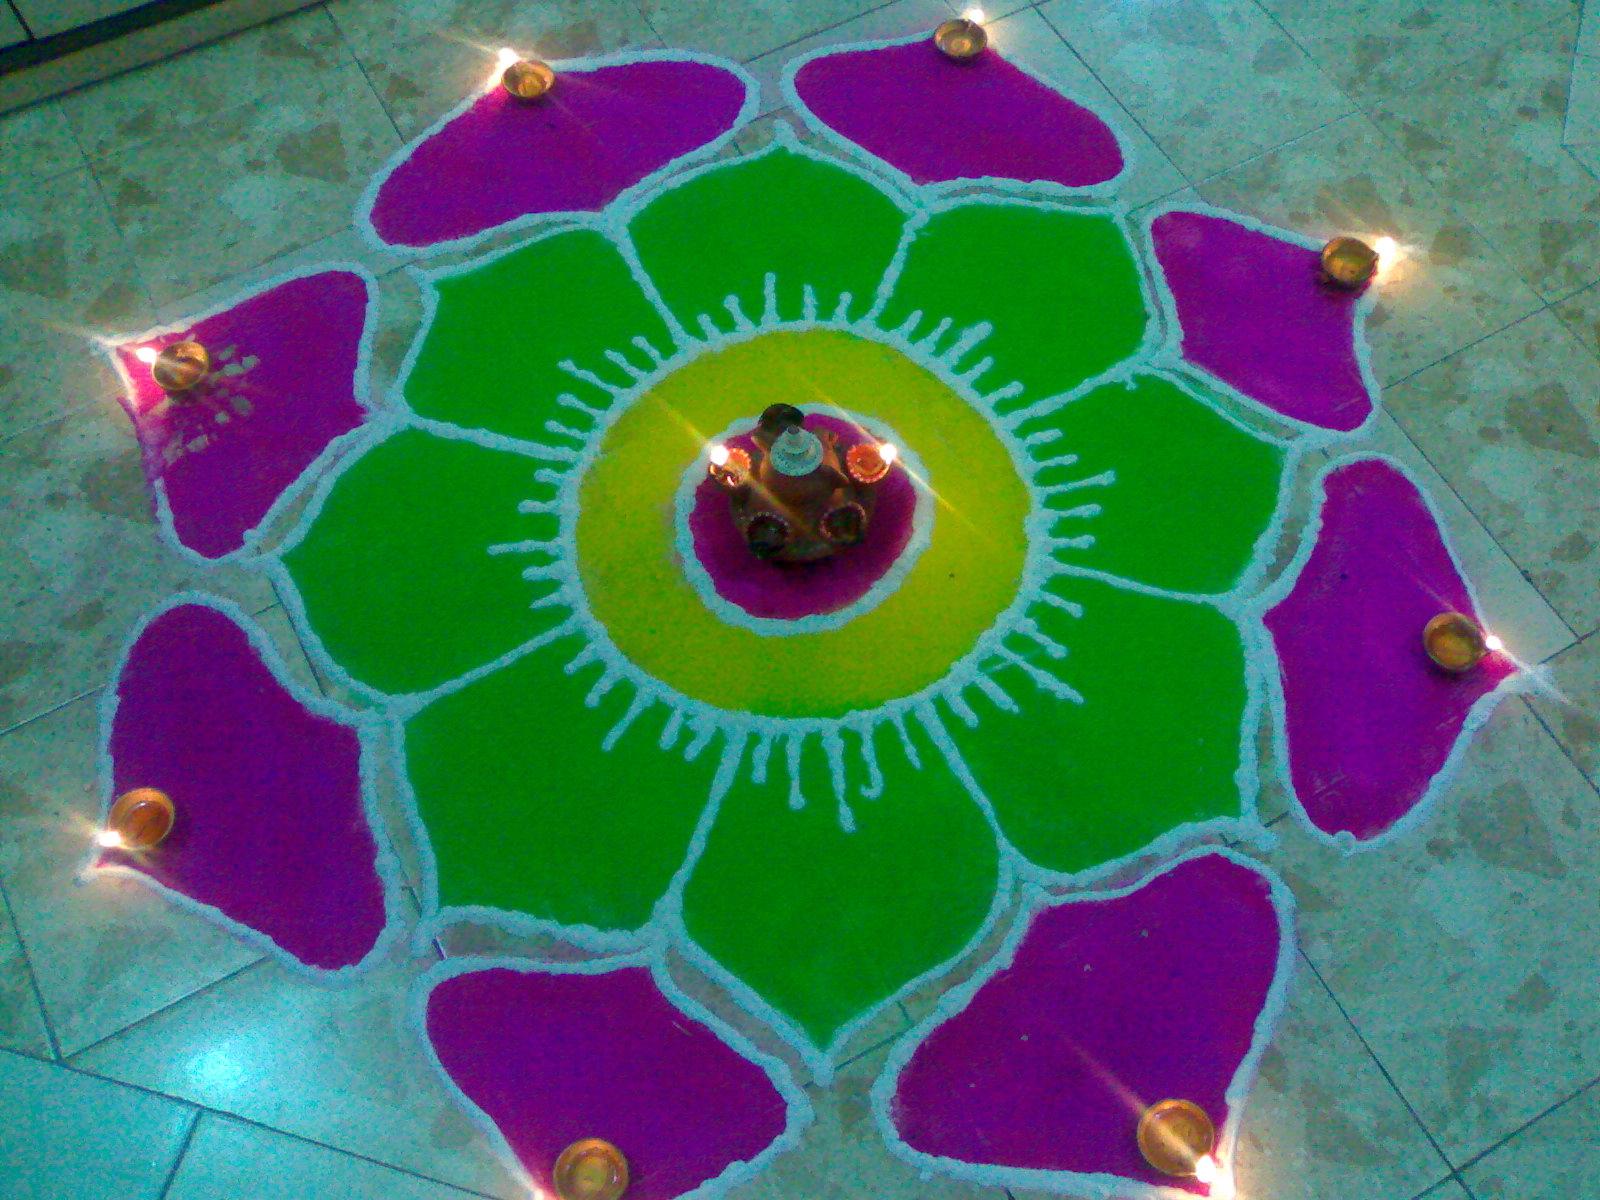 http://3.bp.blogspot.com/_FCUfid24UiQ/TK1rvDJjwaI/AAAAAAAAAnI/AJii4L1EmP0/s1600/Diwali-rangoli-Wallpapers%252B1600x1200.jpg